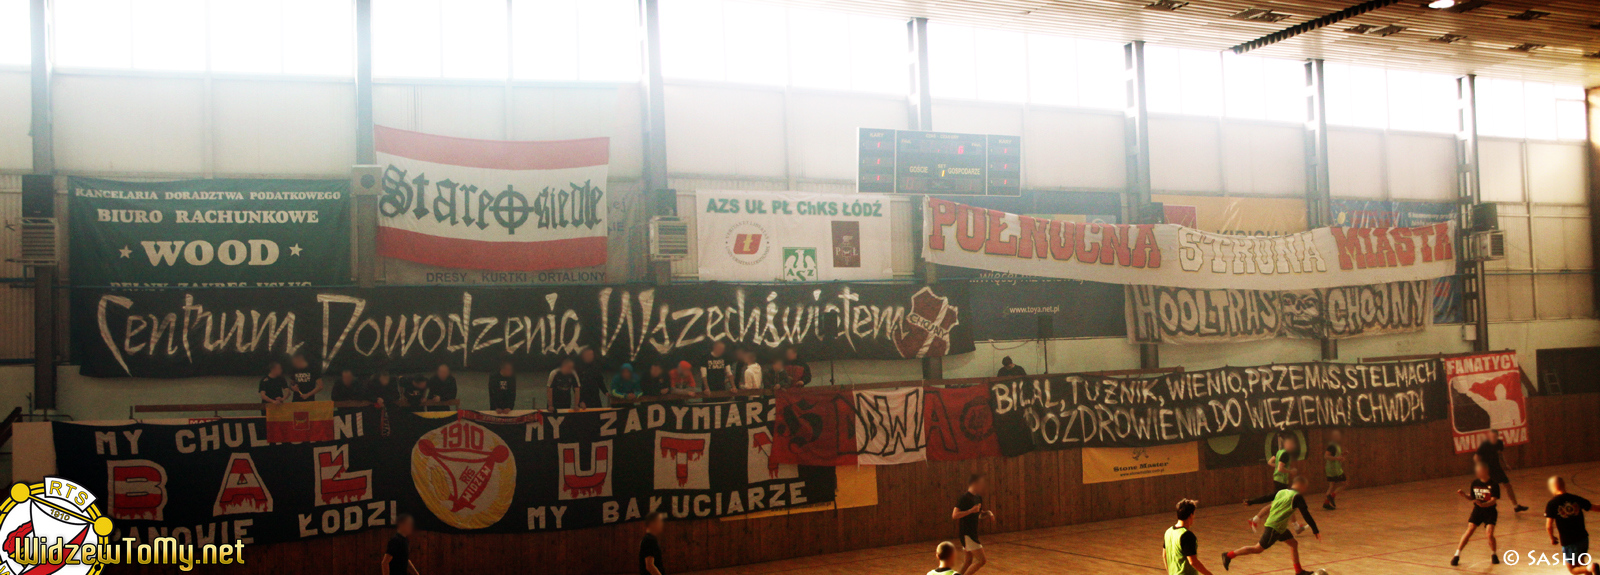 halowy_turniej_widzewskich_osiedli_20120212_1756351727